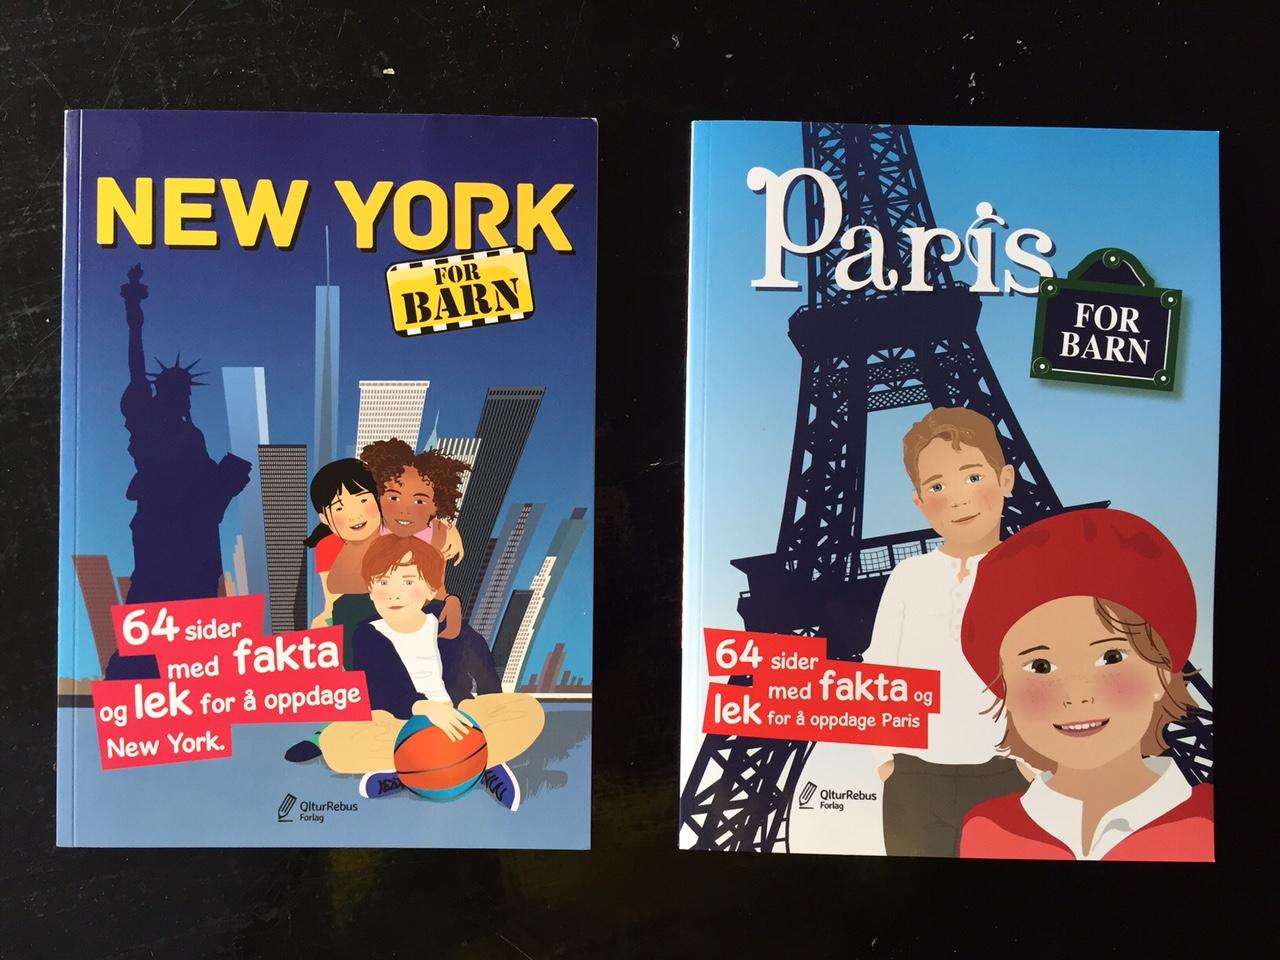 Reisebøker for barn - for Paris og New York